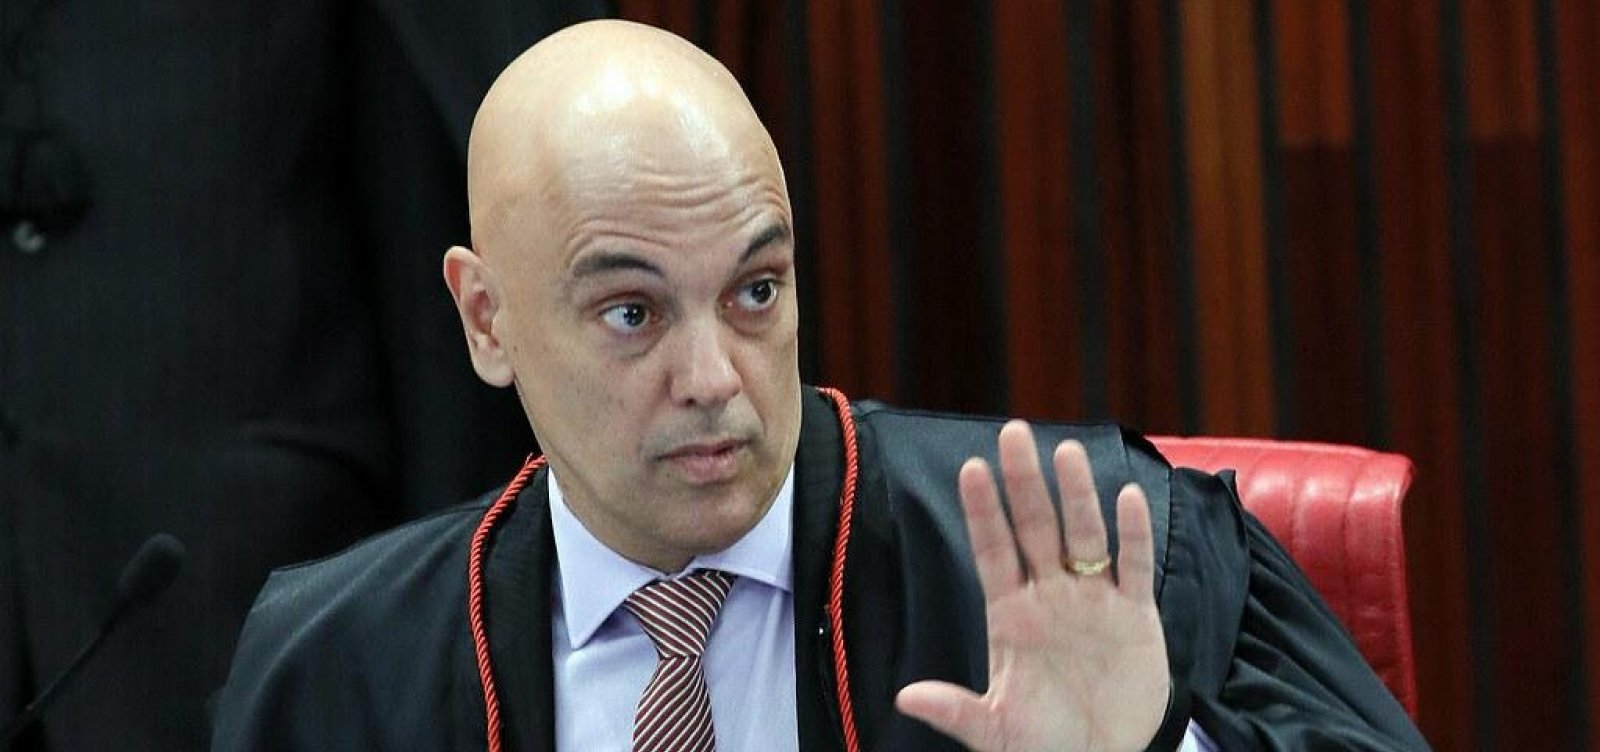 Alexandre de Moraes bloqueia redes sociais de investigados por fake news